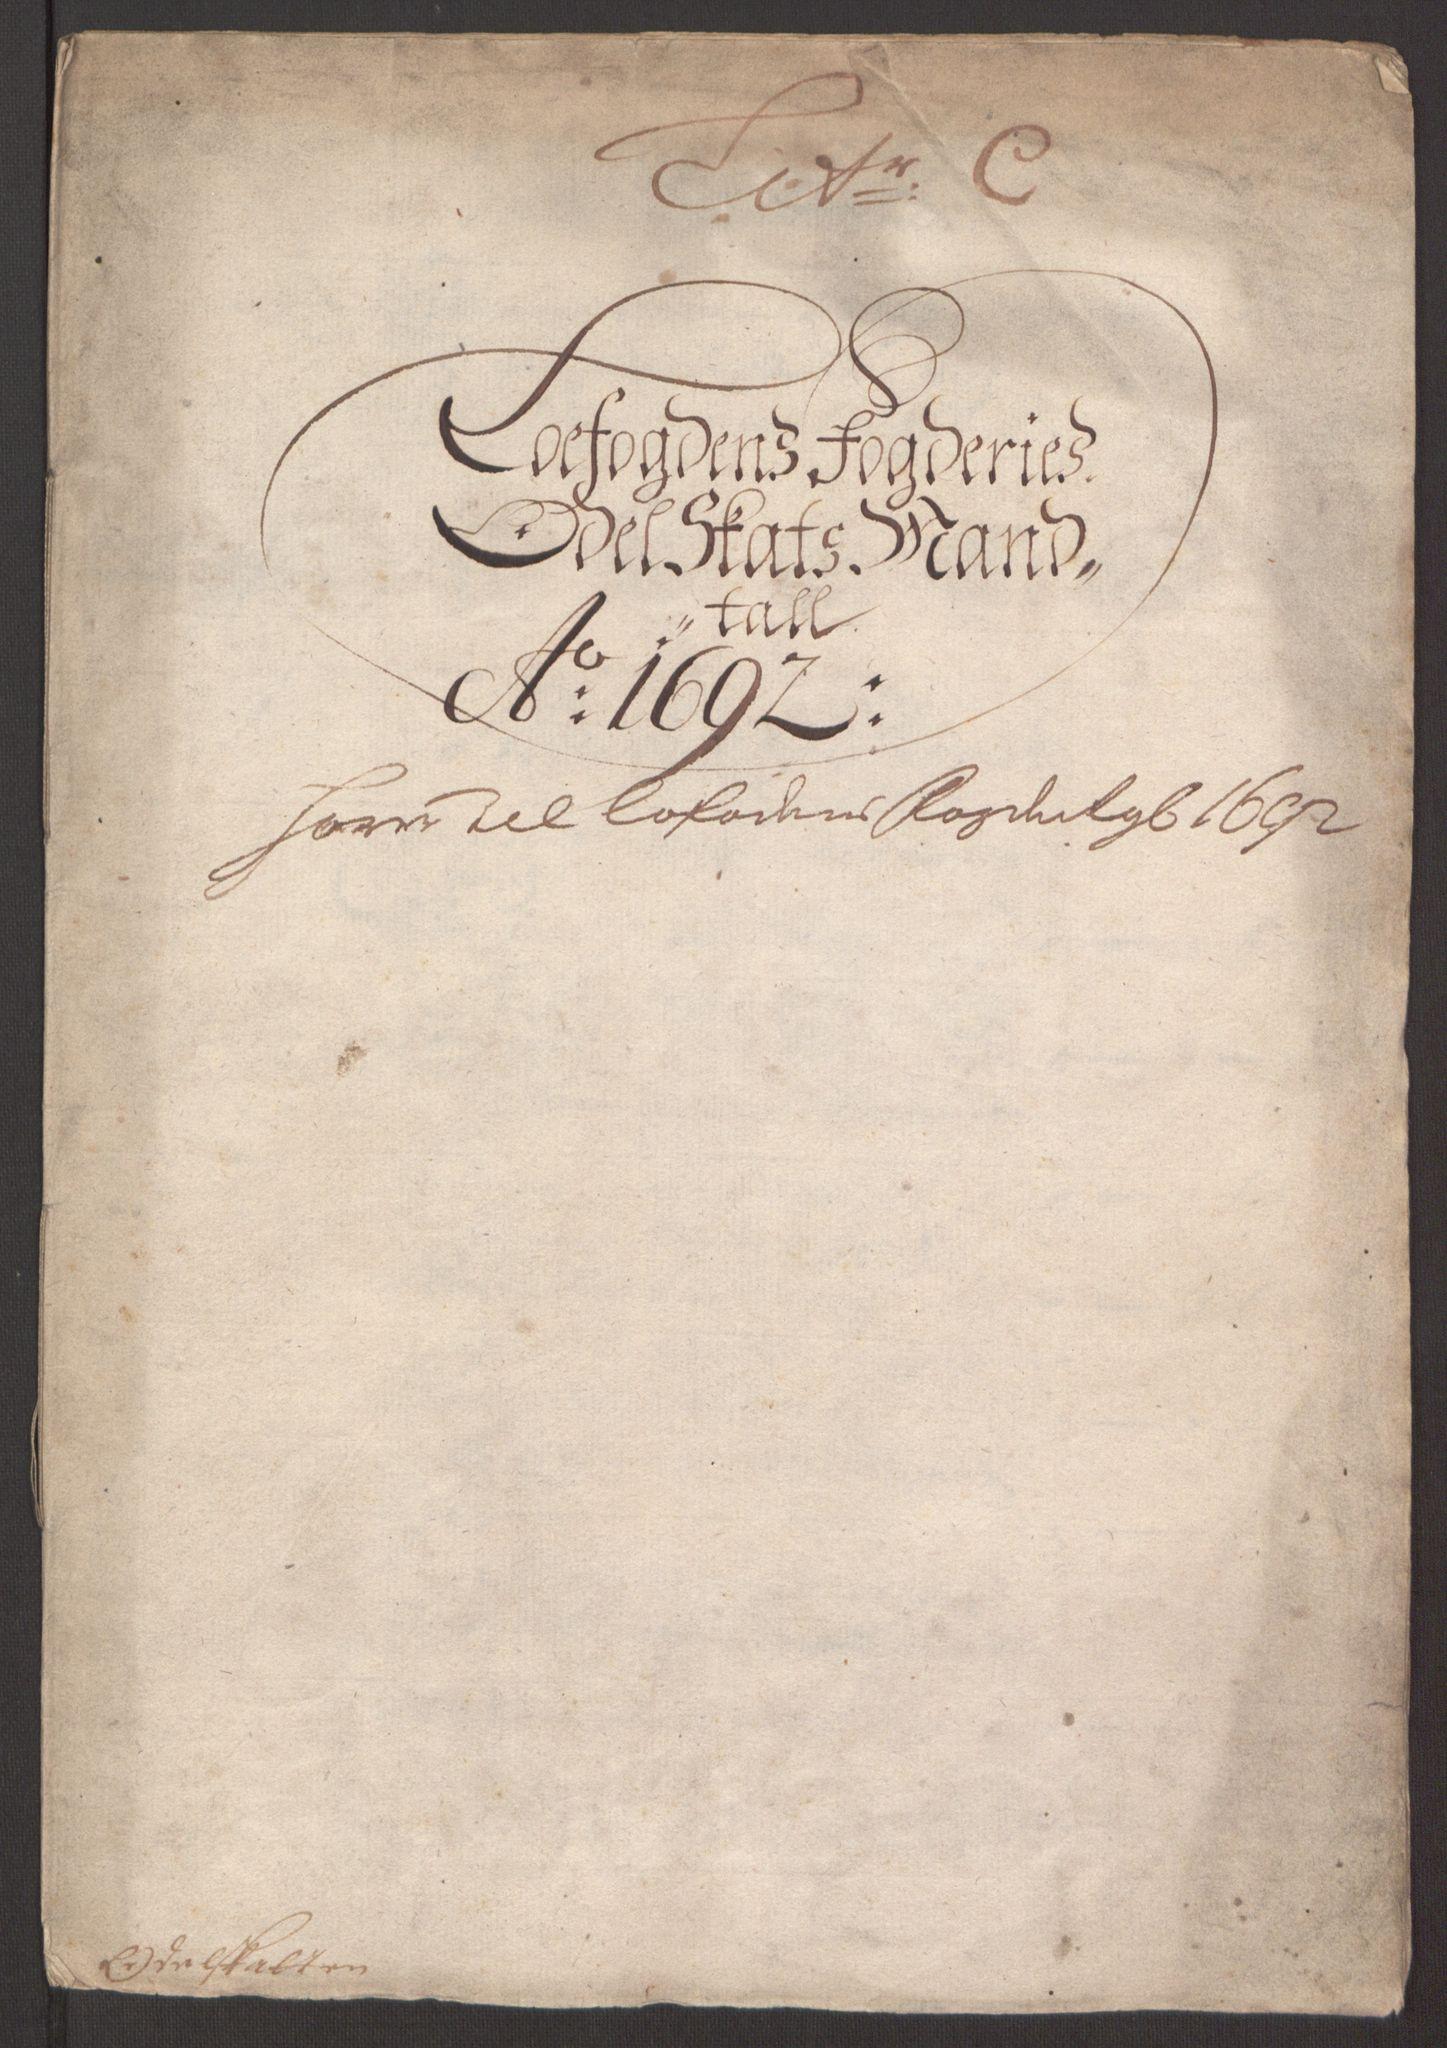 RA, Rentekammeret inntil 1814, Reviderte regnskaper, Fogderegnskap, R67/L4675: Fogderegnskap Vesterålen, Andenes og Lofoten, 1691-1693, s. 139